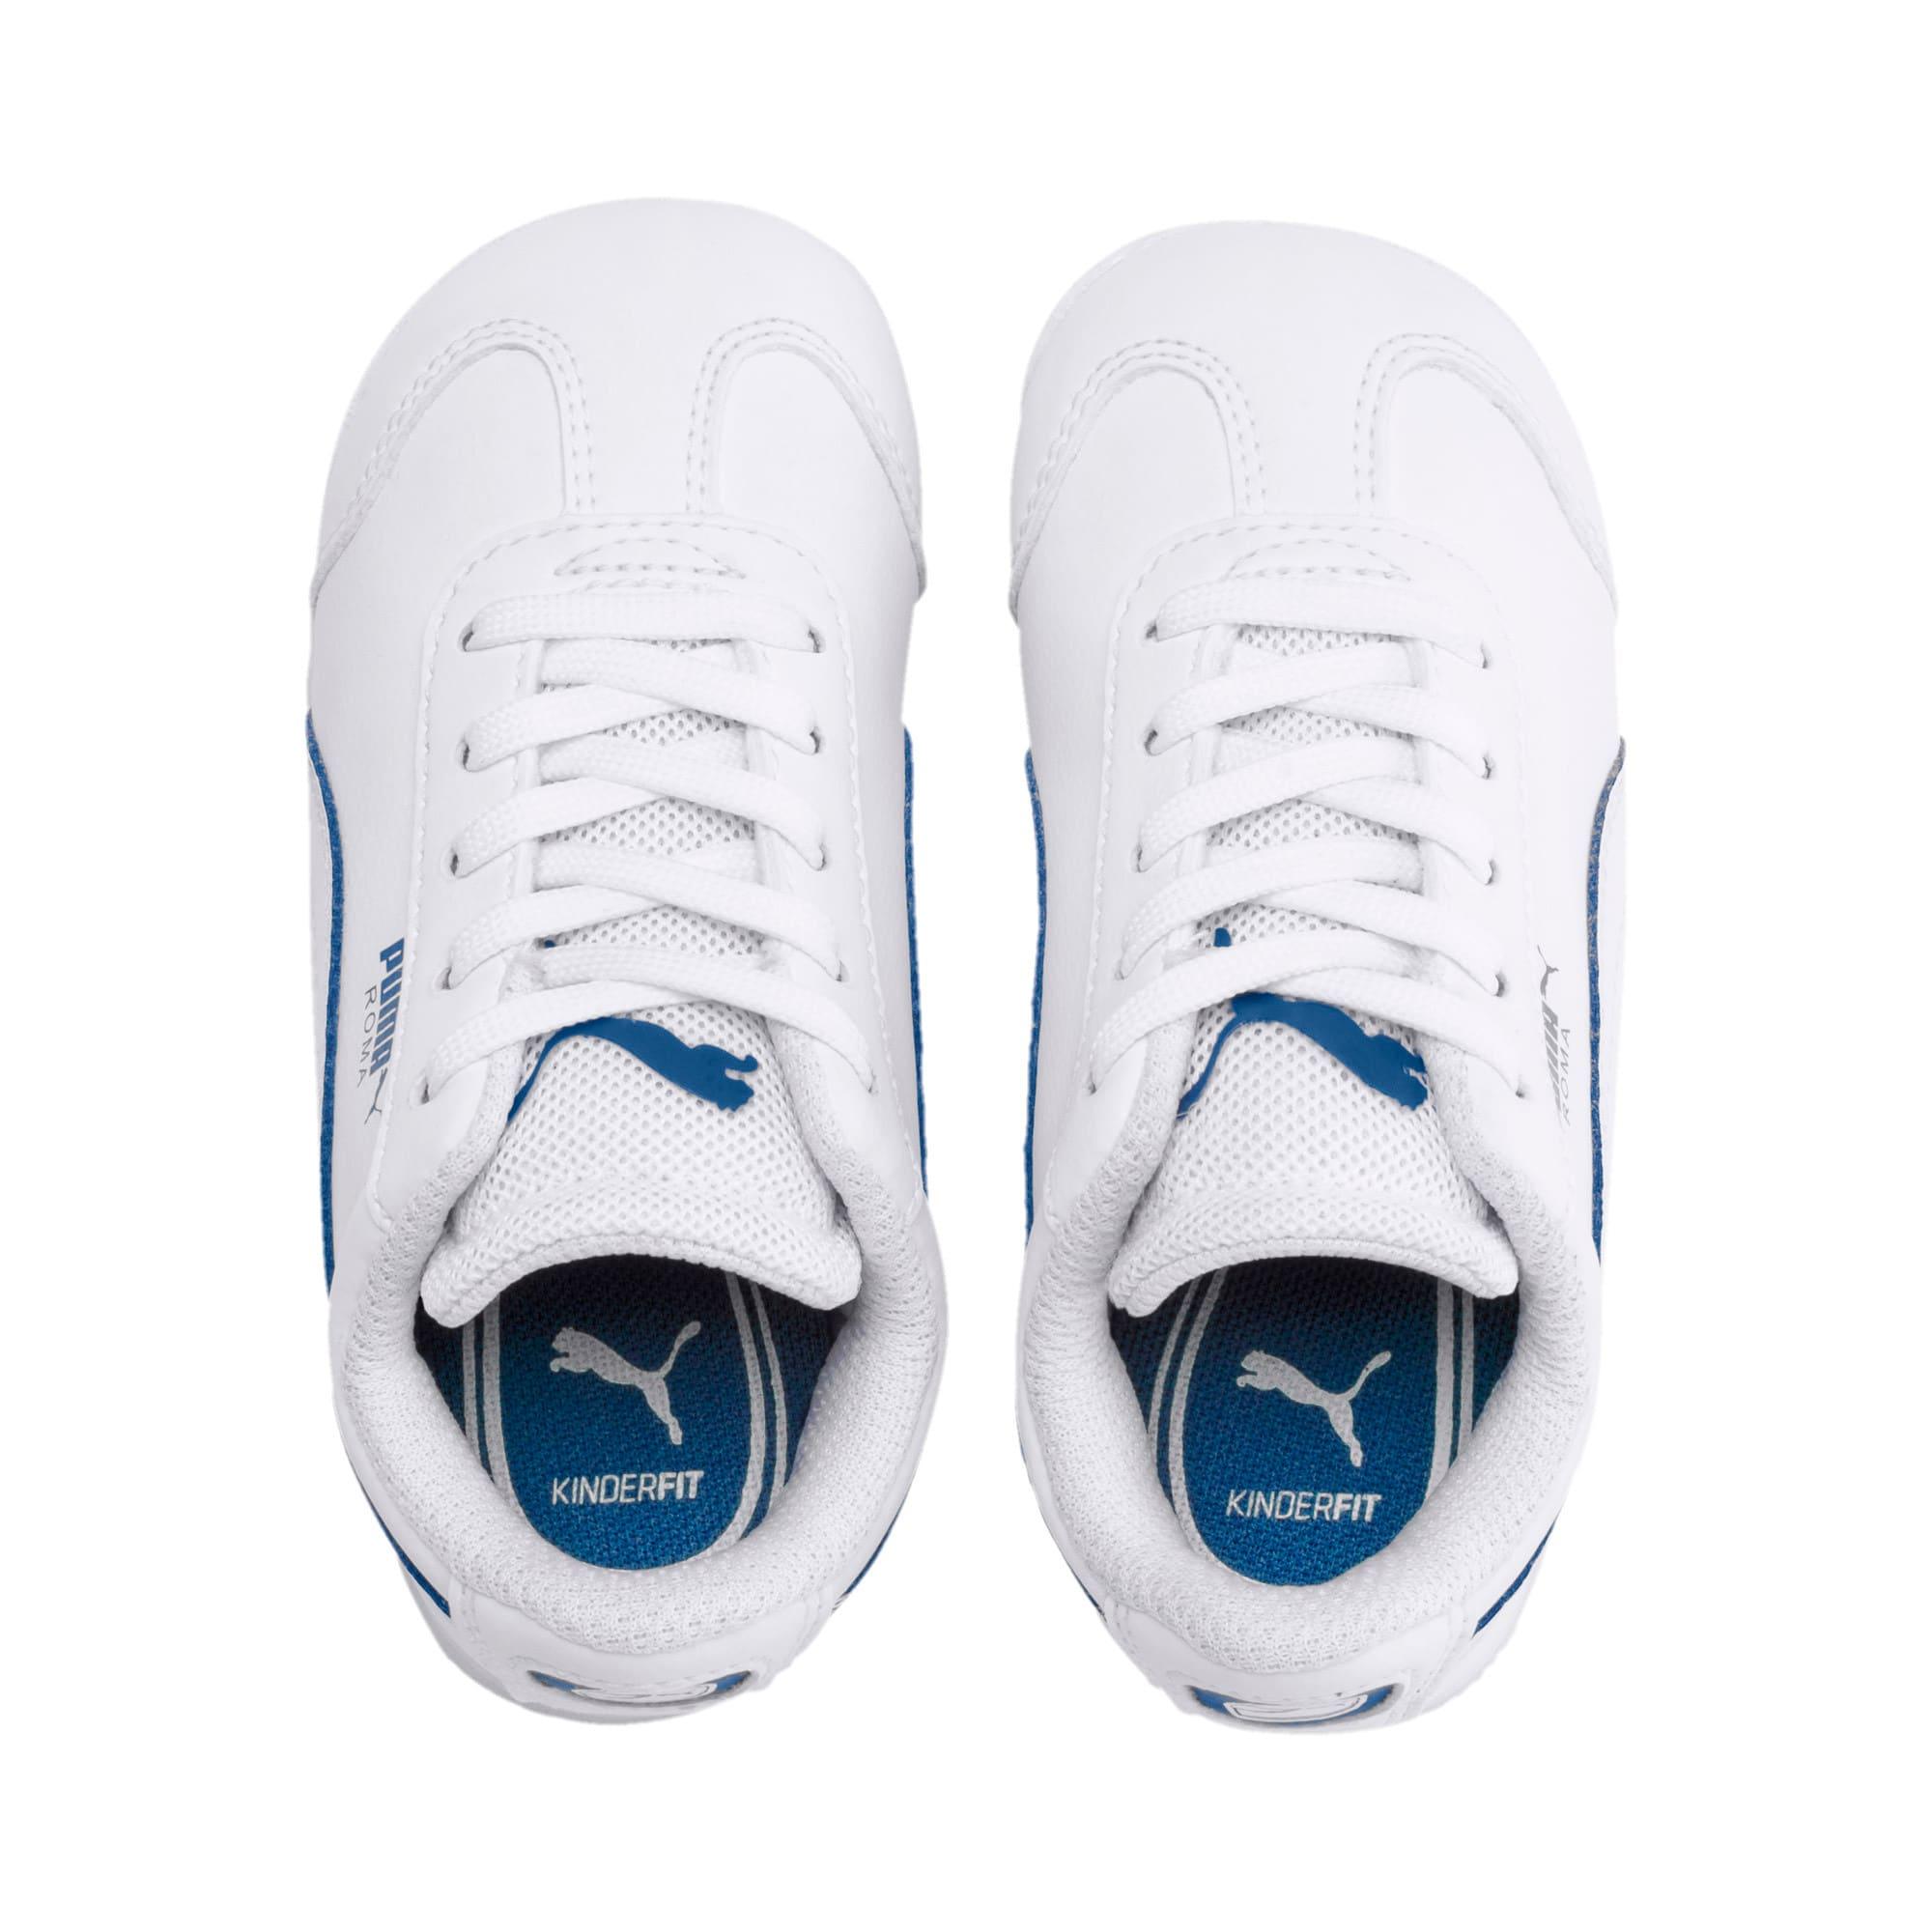 Thumbnail 6 of Scuderia Ferrari Roma Toddler Shoes, White-White-Galaxy Blue, medium